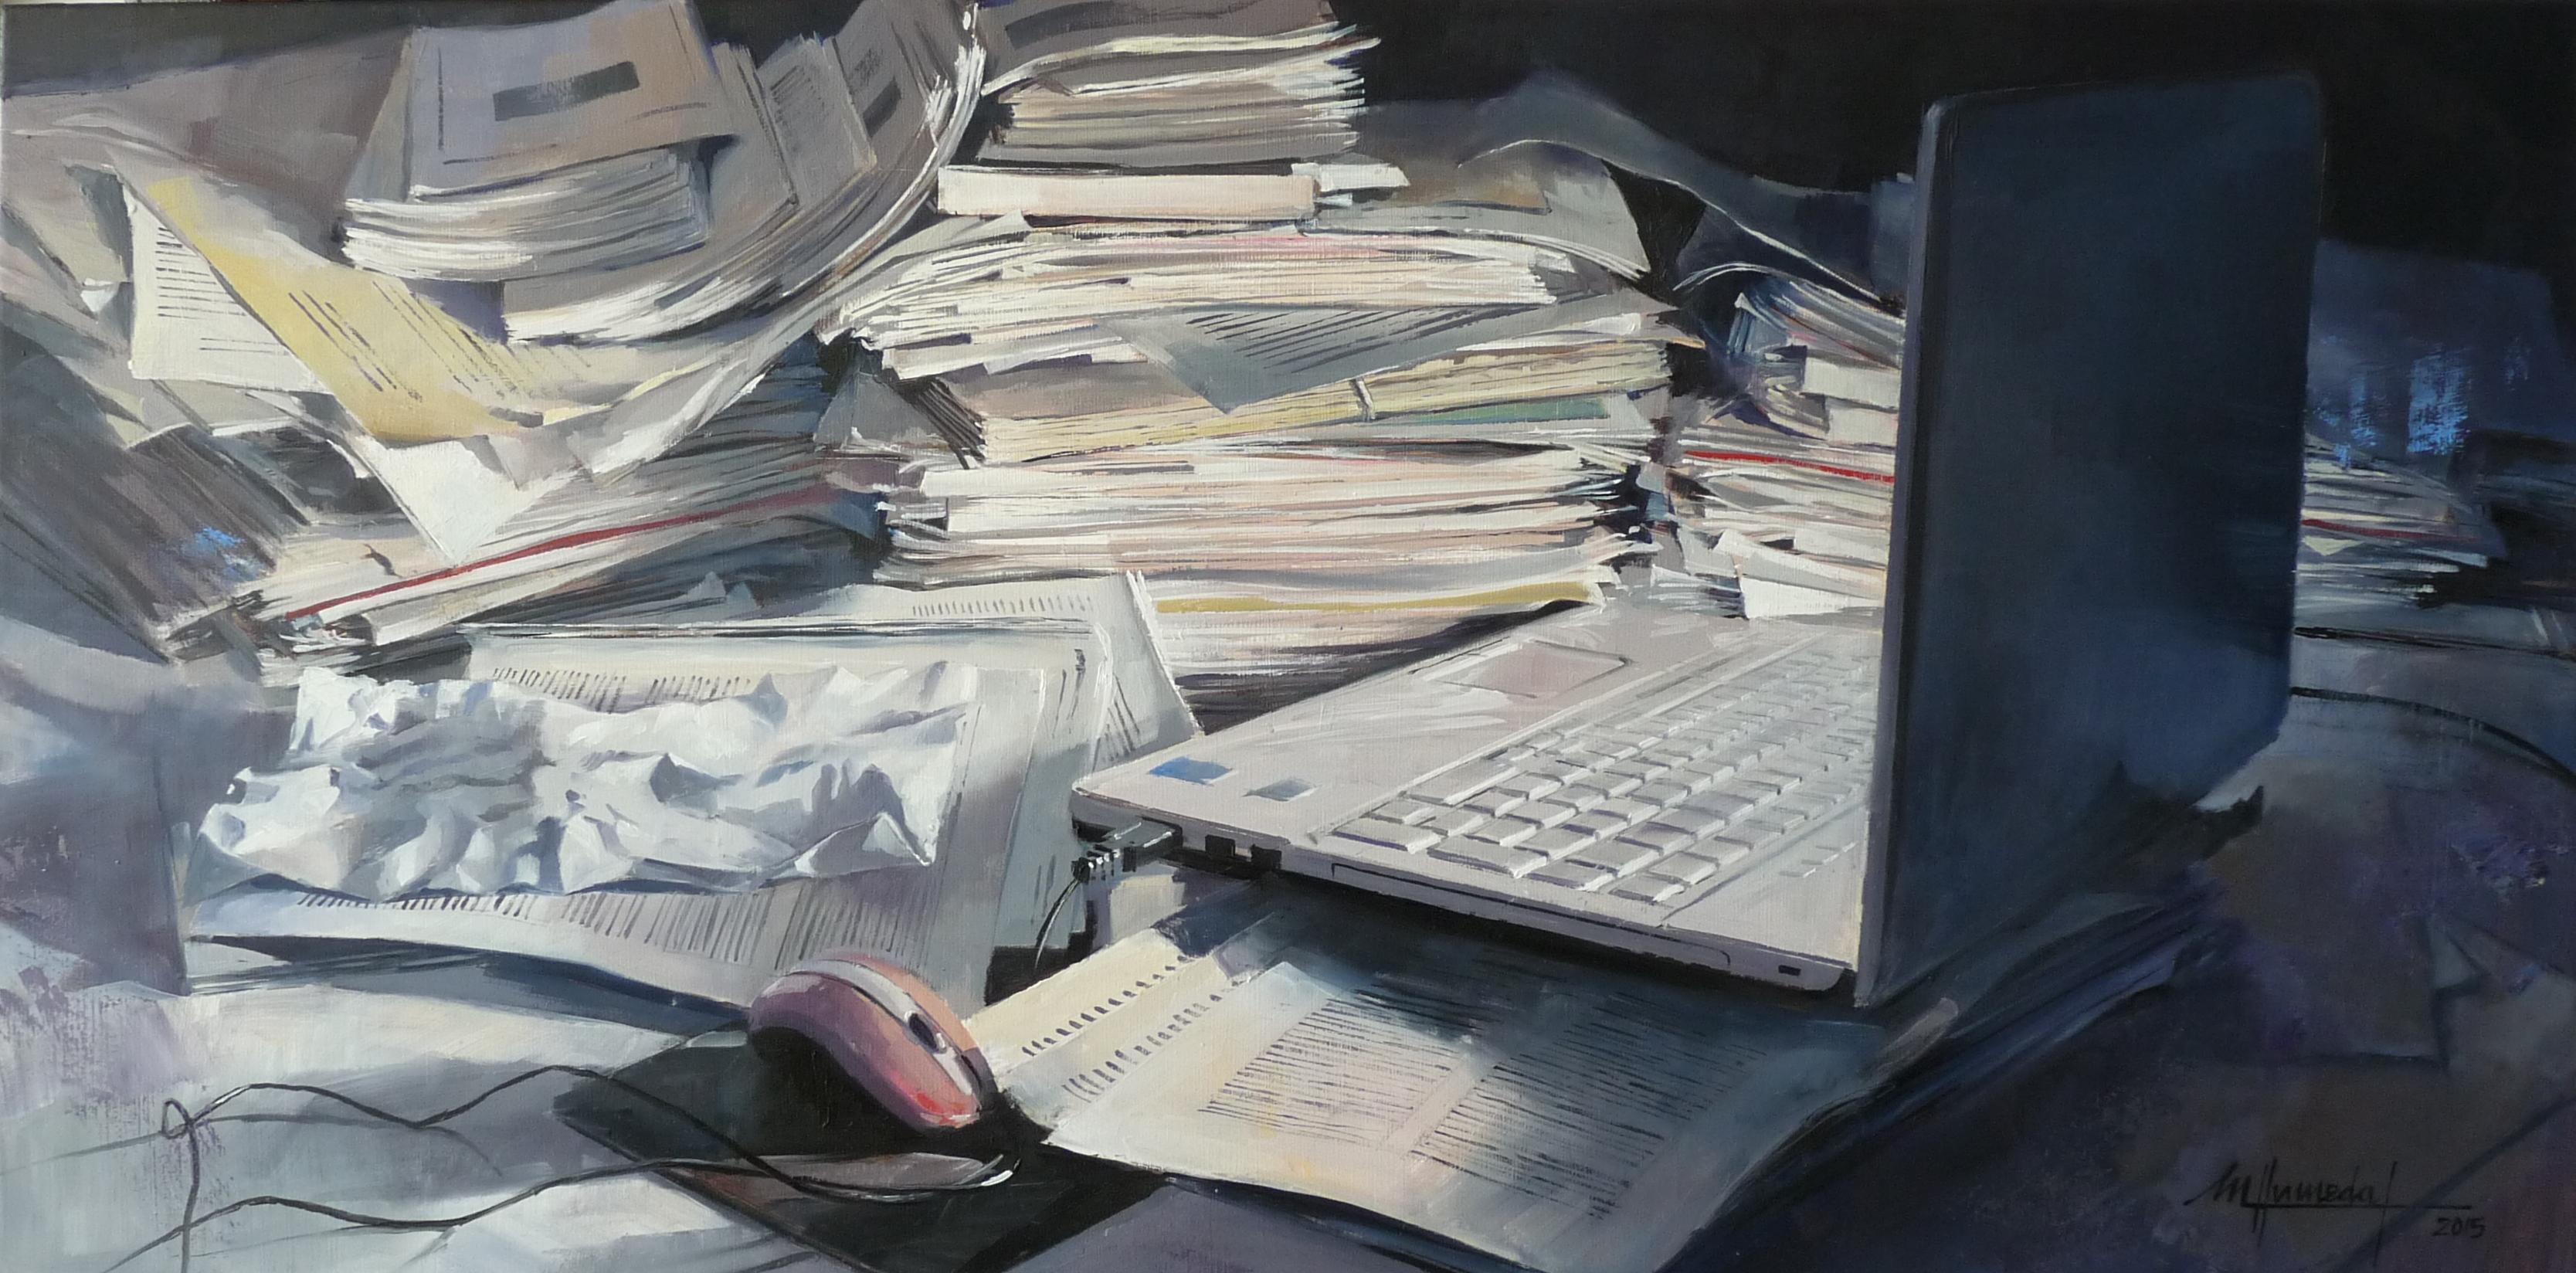 Llum de l'ordinador